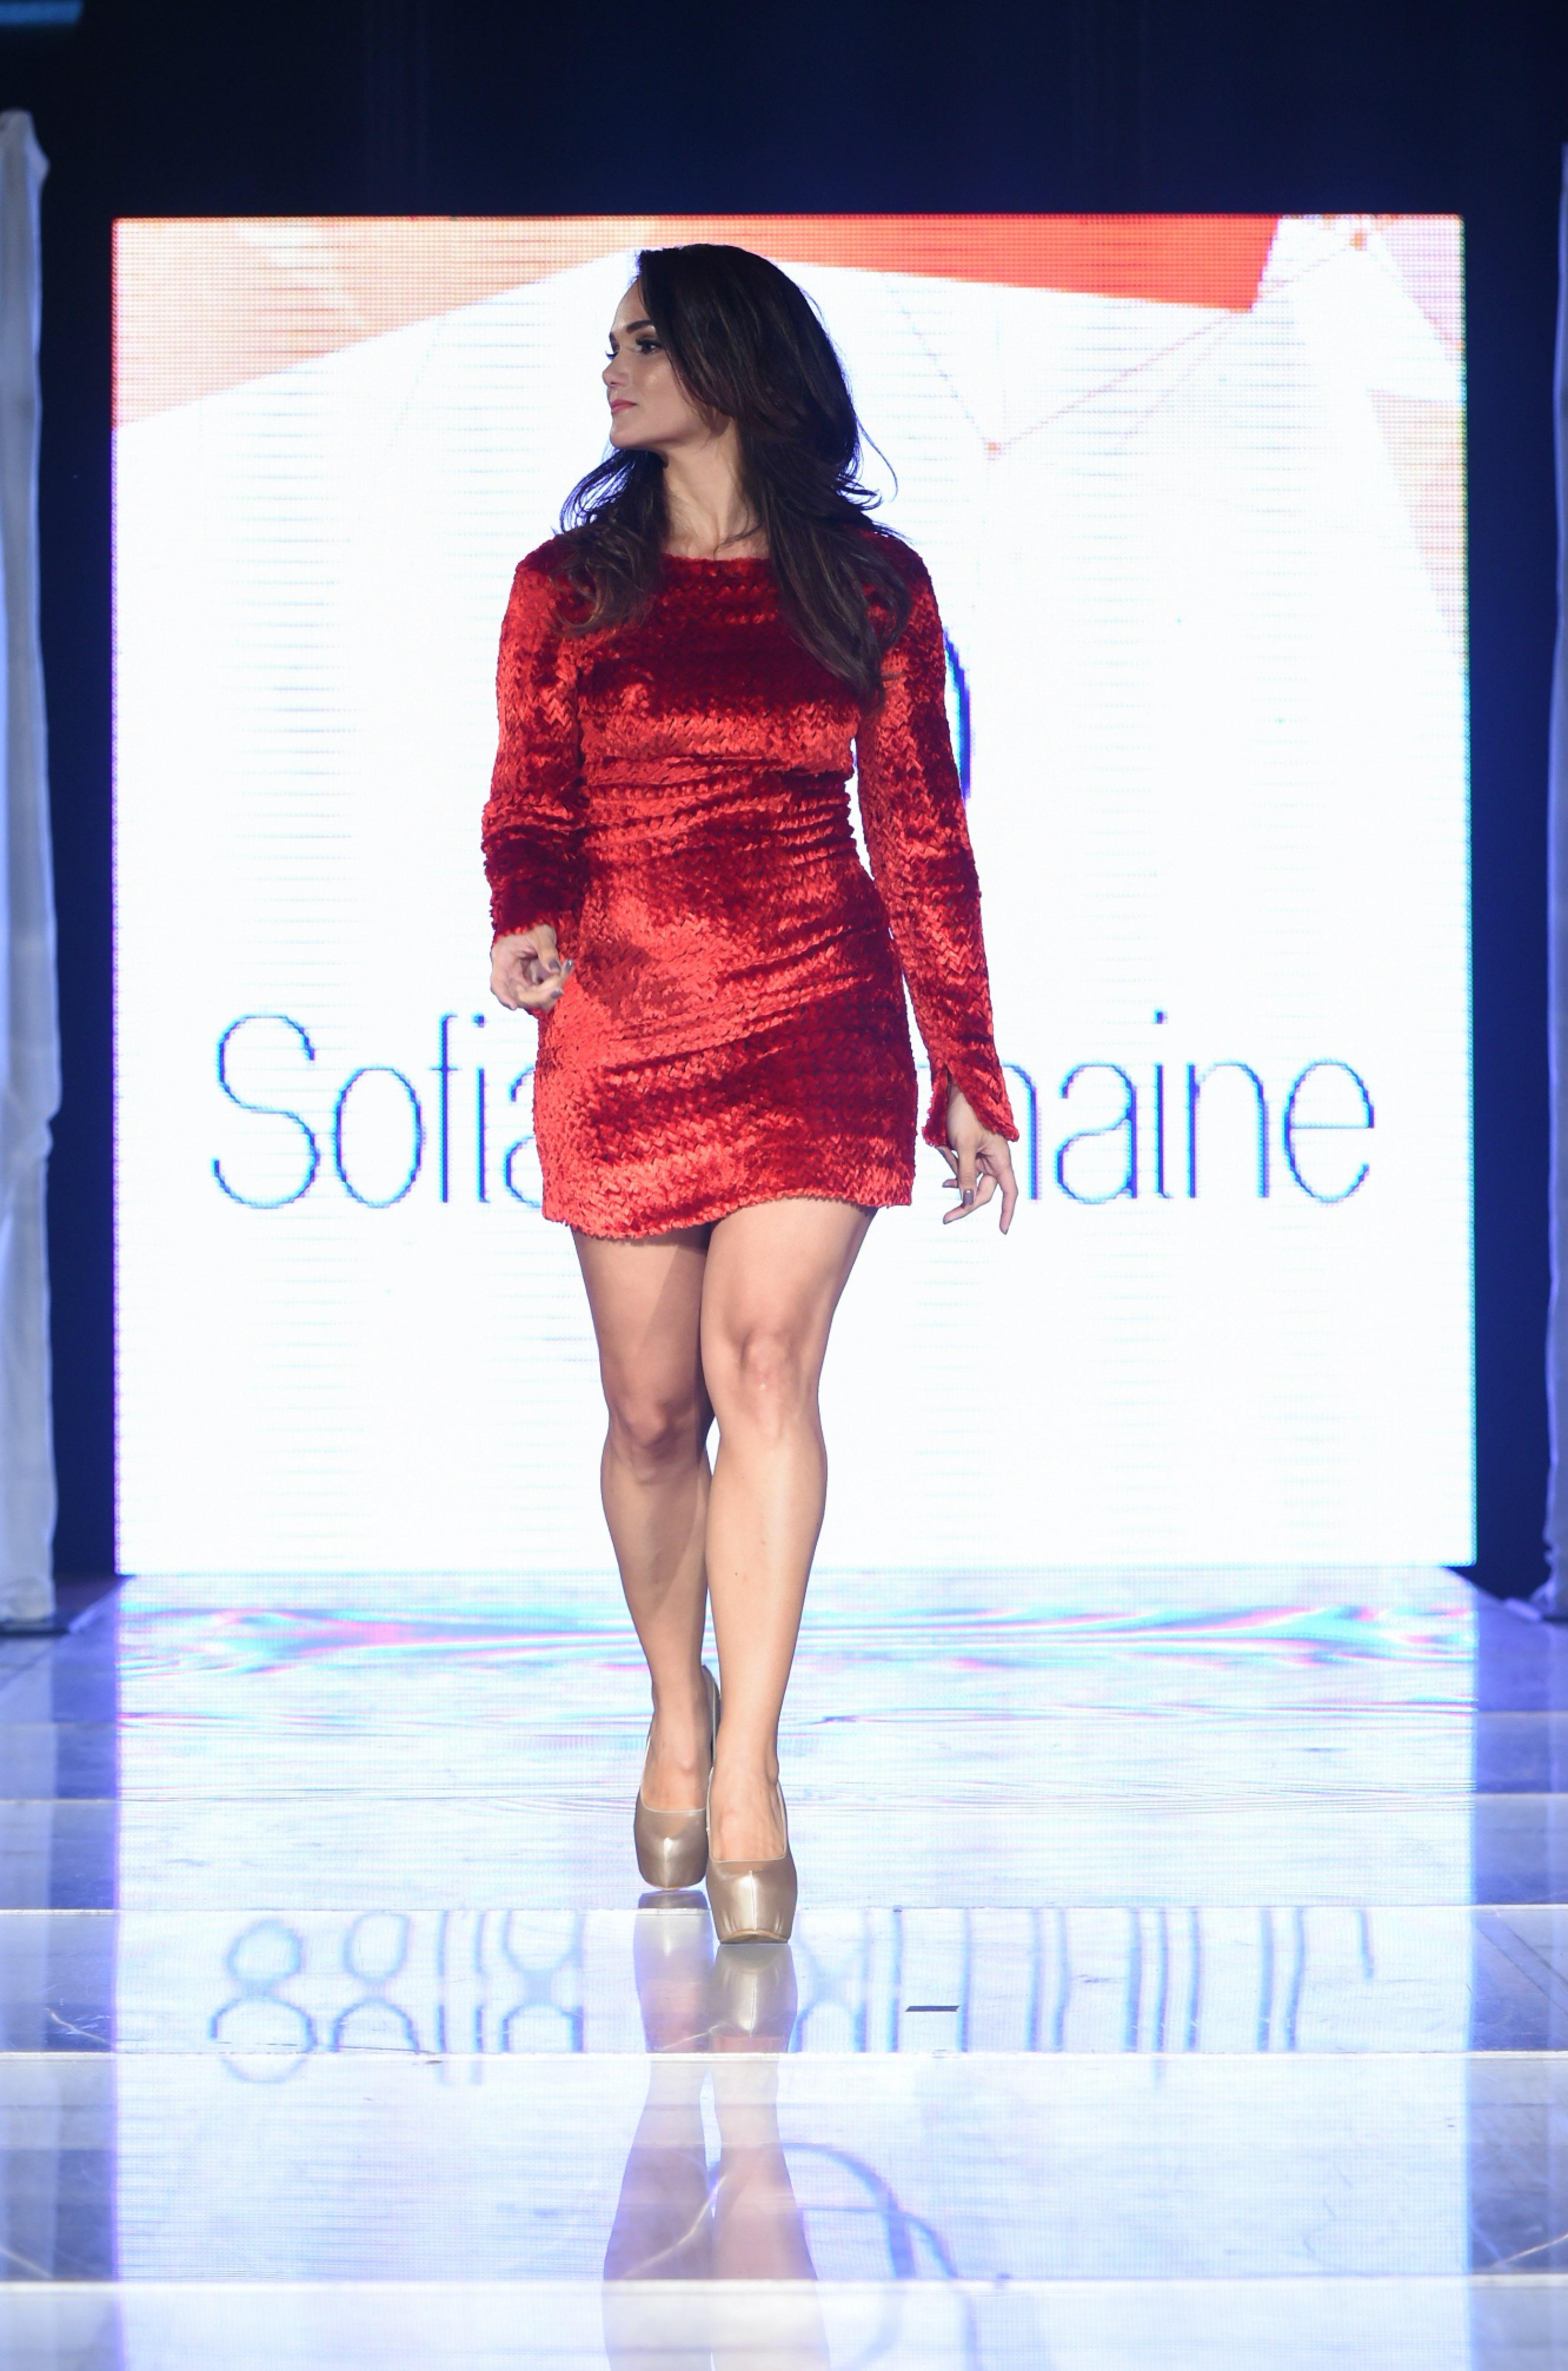 MHBF 2016 – Sofia Dumaine – 16